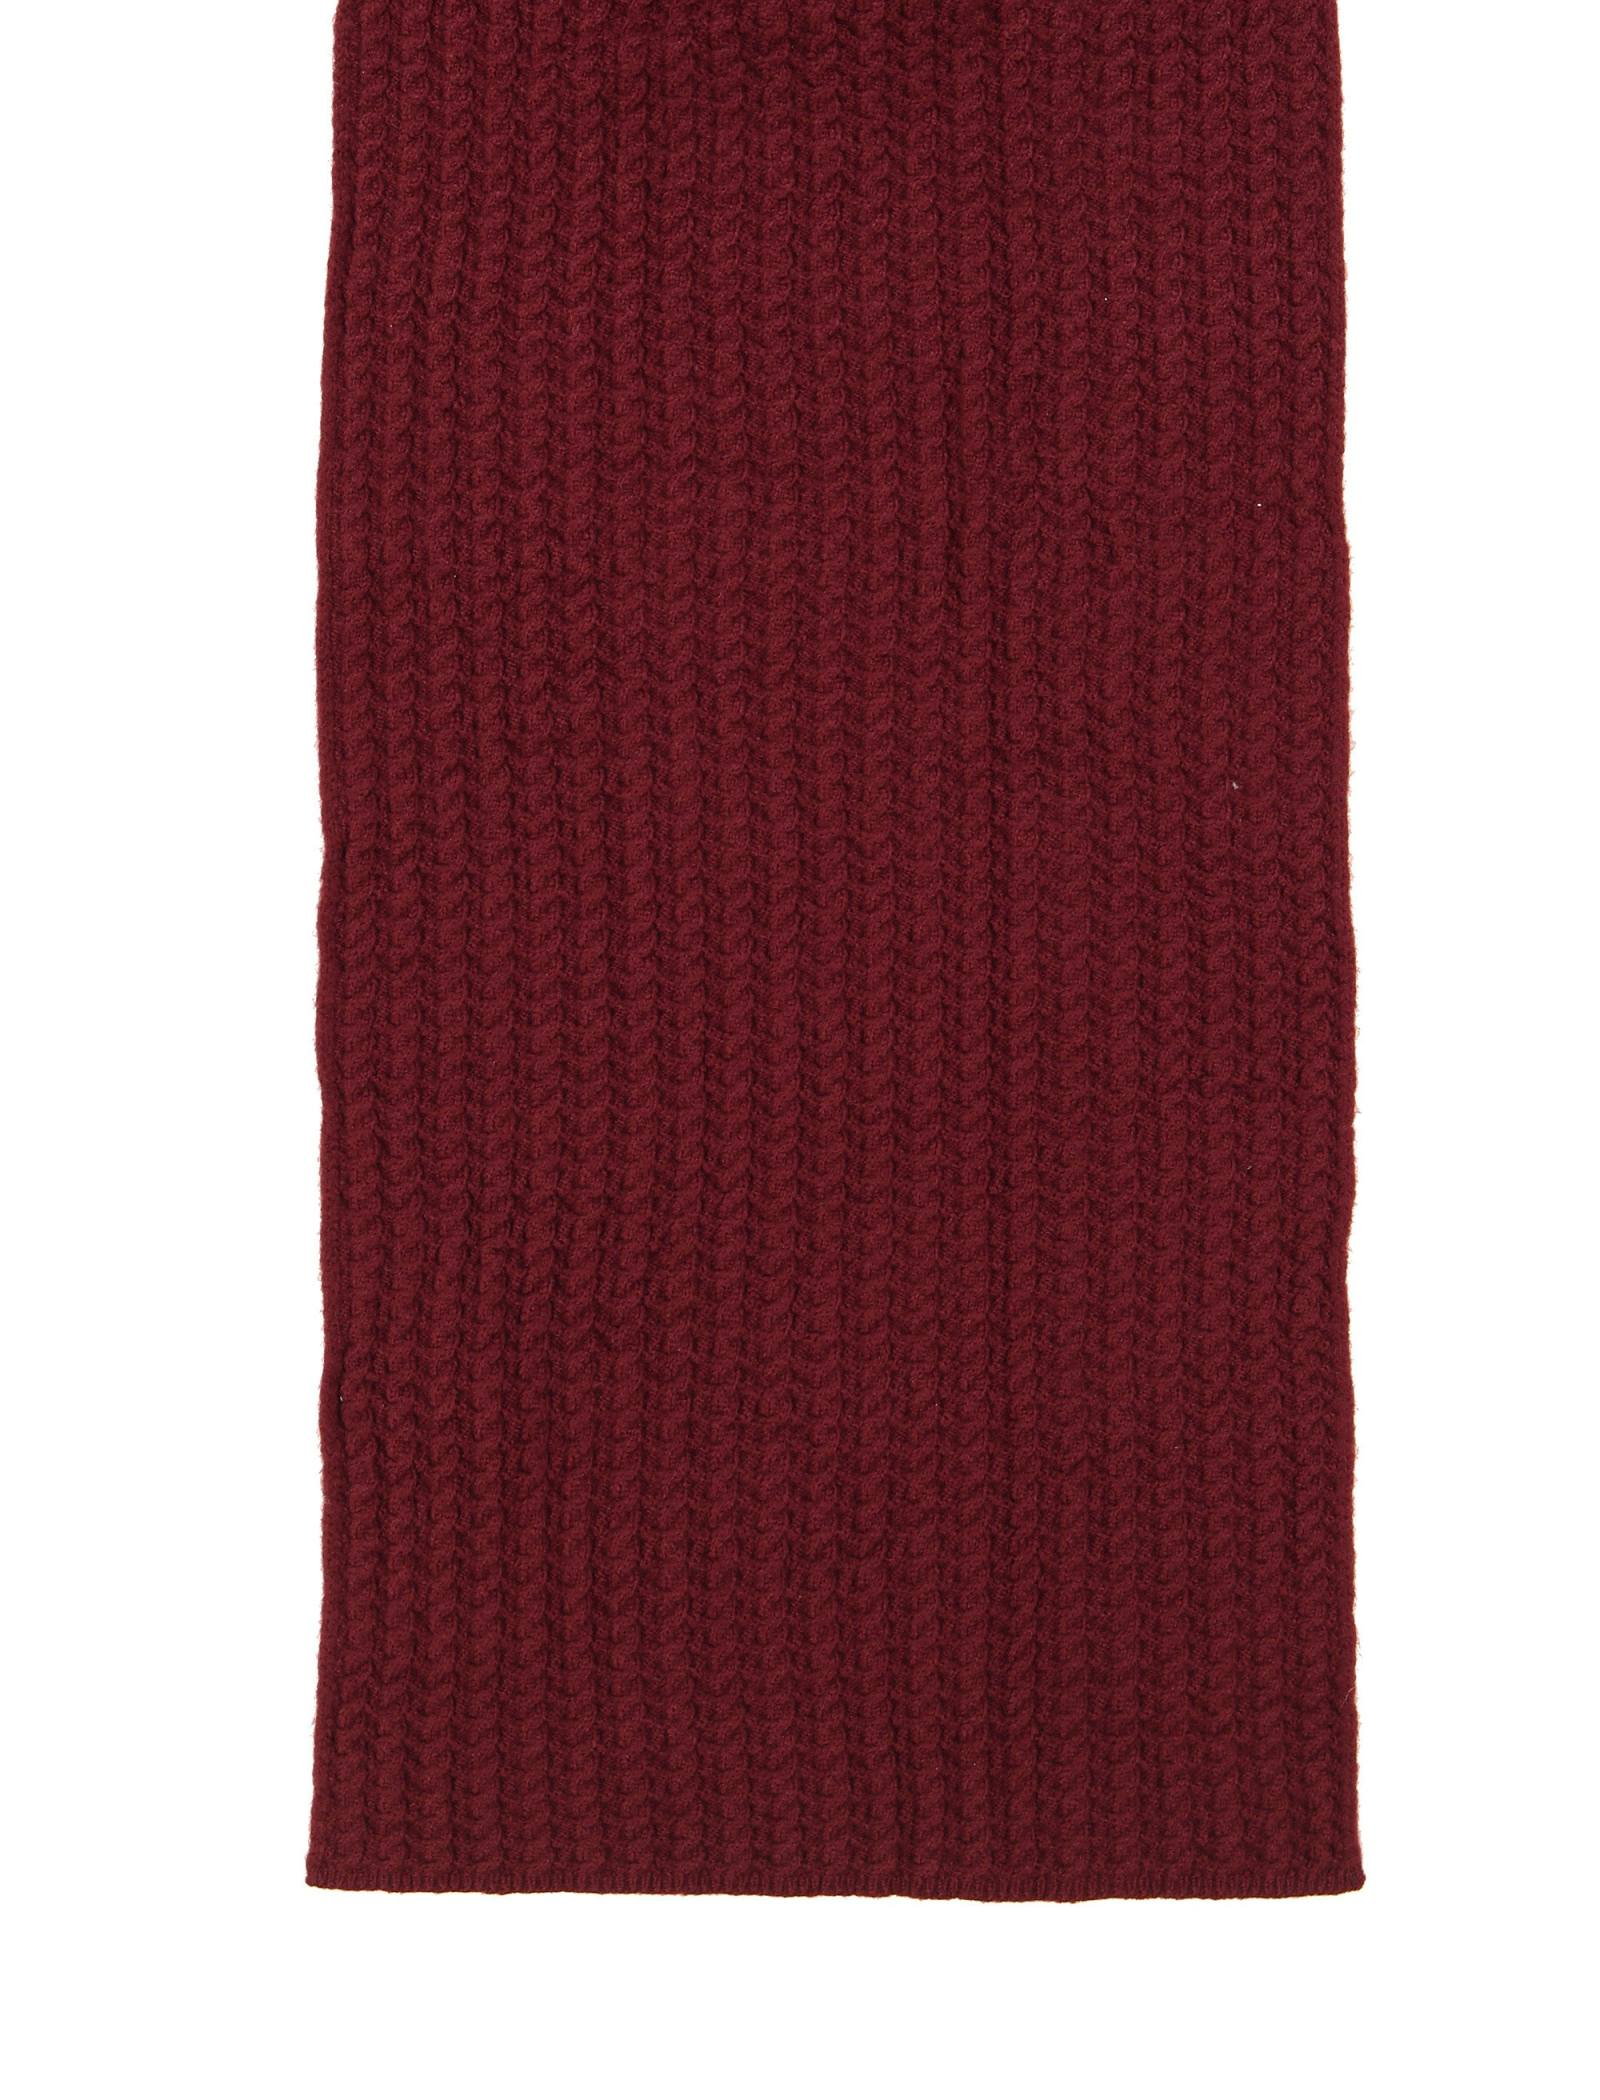 شال گردن ساده زنانه - دفکتو - زرشکي - 1